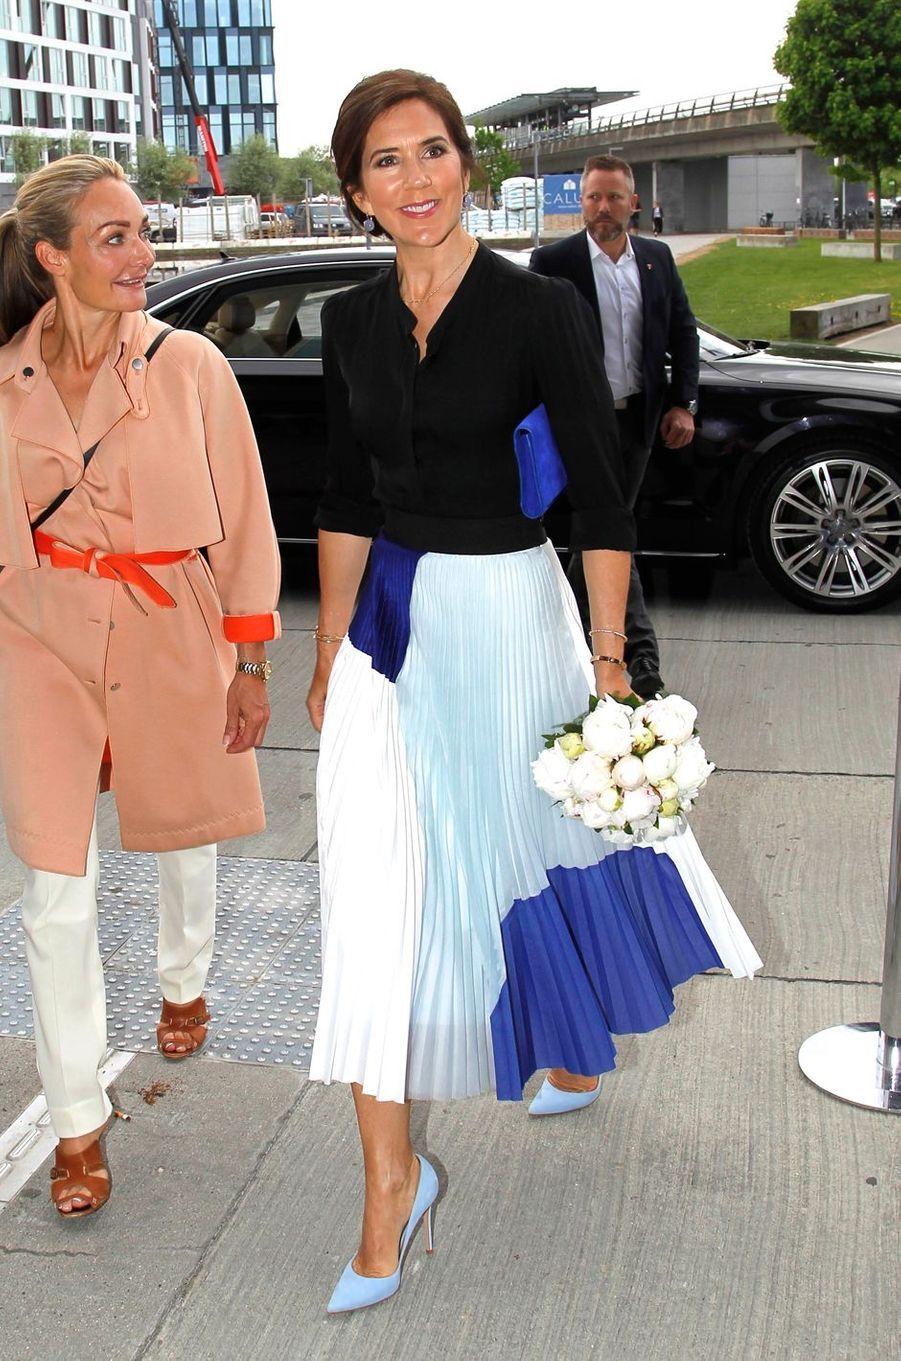 La princesse Mary de Danemark arrive pour le Sommet de la mode à Copenhague, le 15 mai 2018